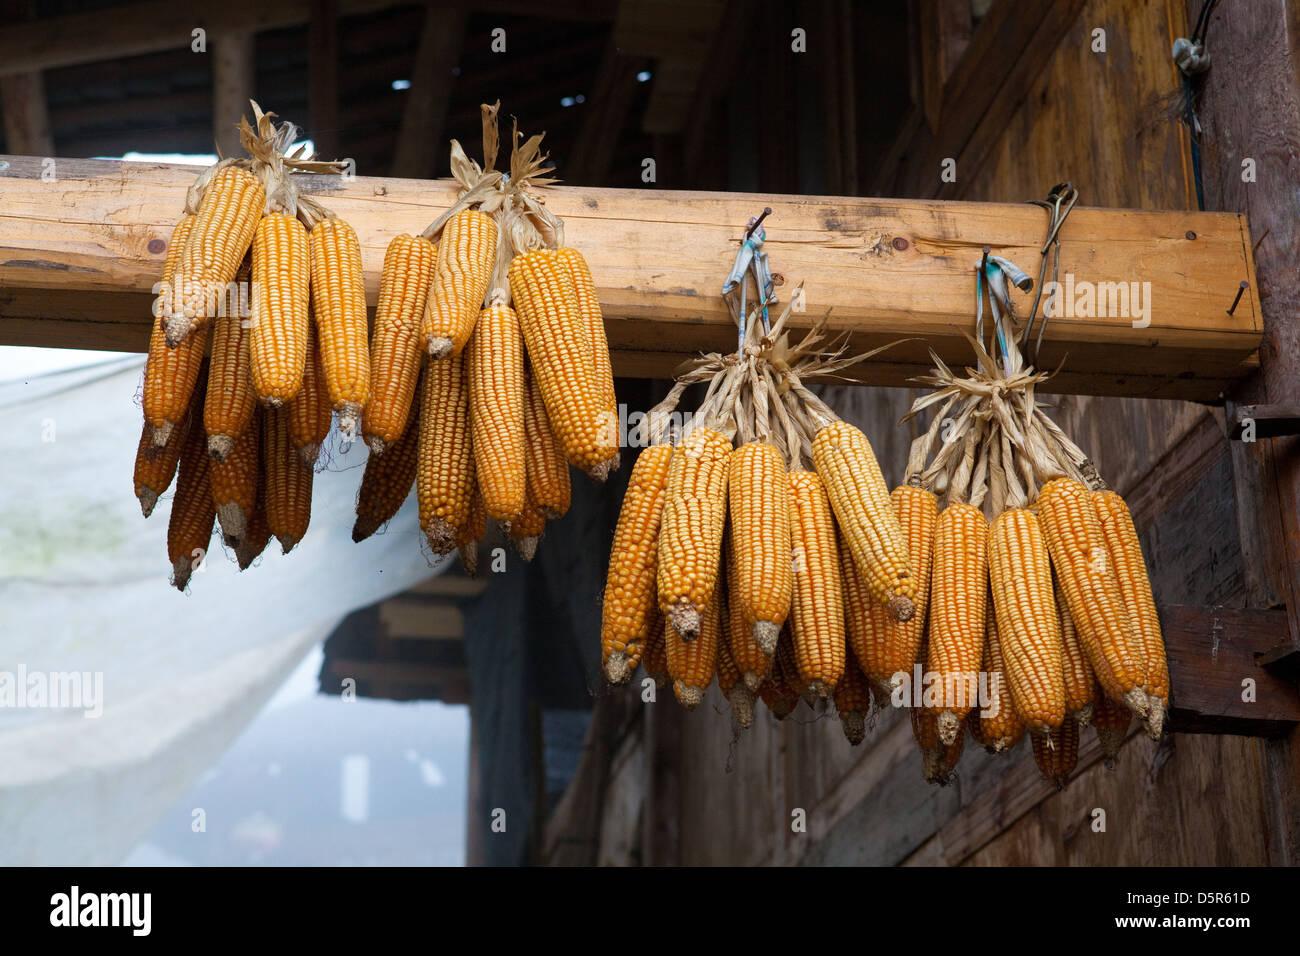 Granturco dolce, Long-ji terrazze di riso, Ping-An, Cina Foto Stock